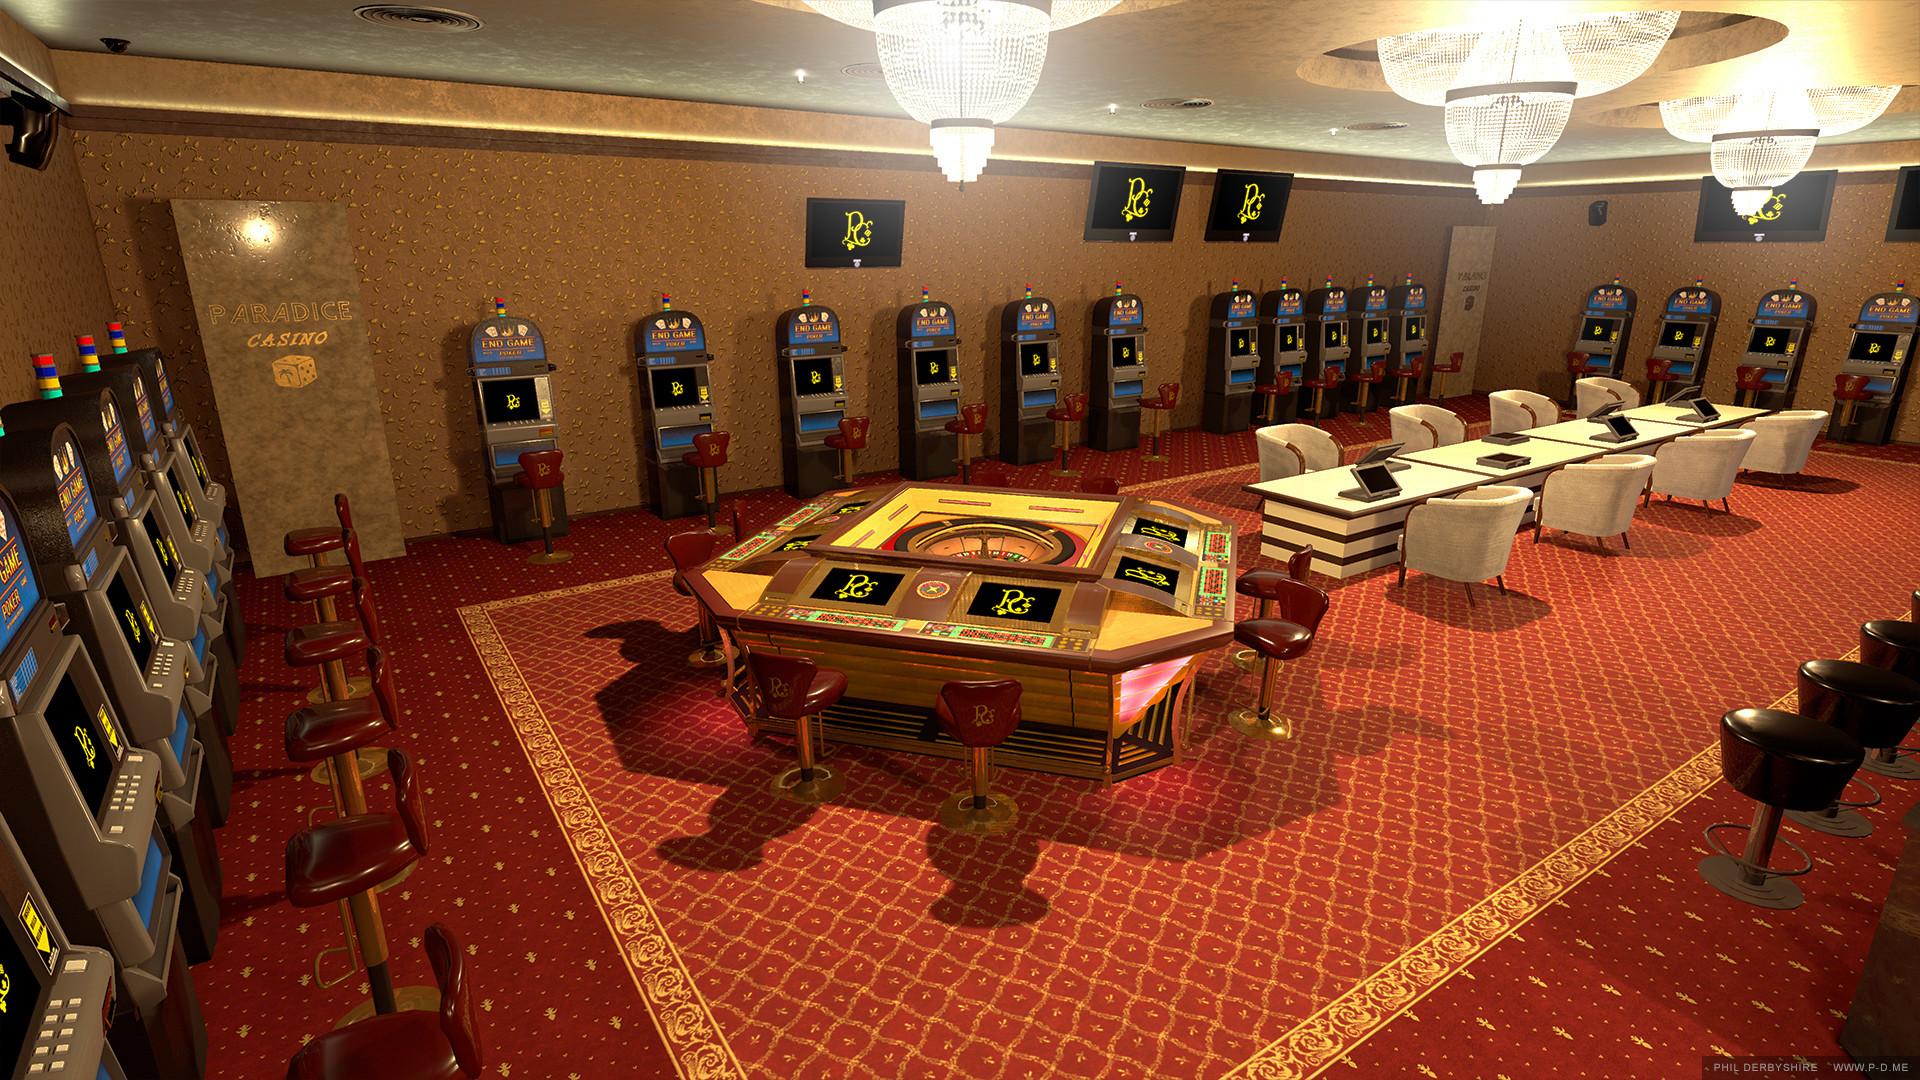 Phil derbyshire casino view02 hr